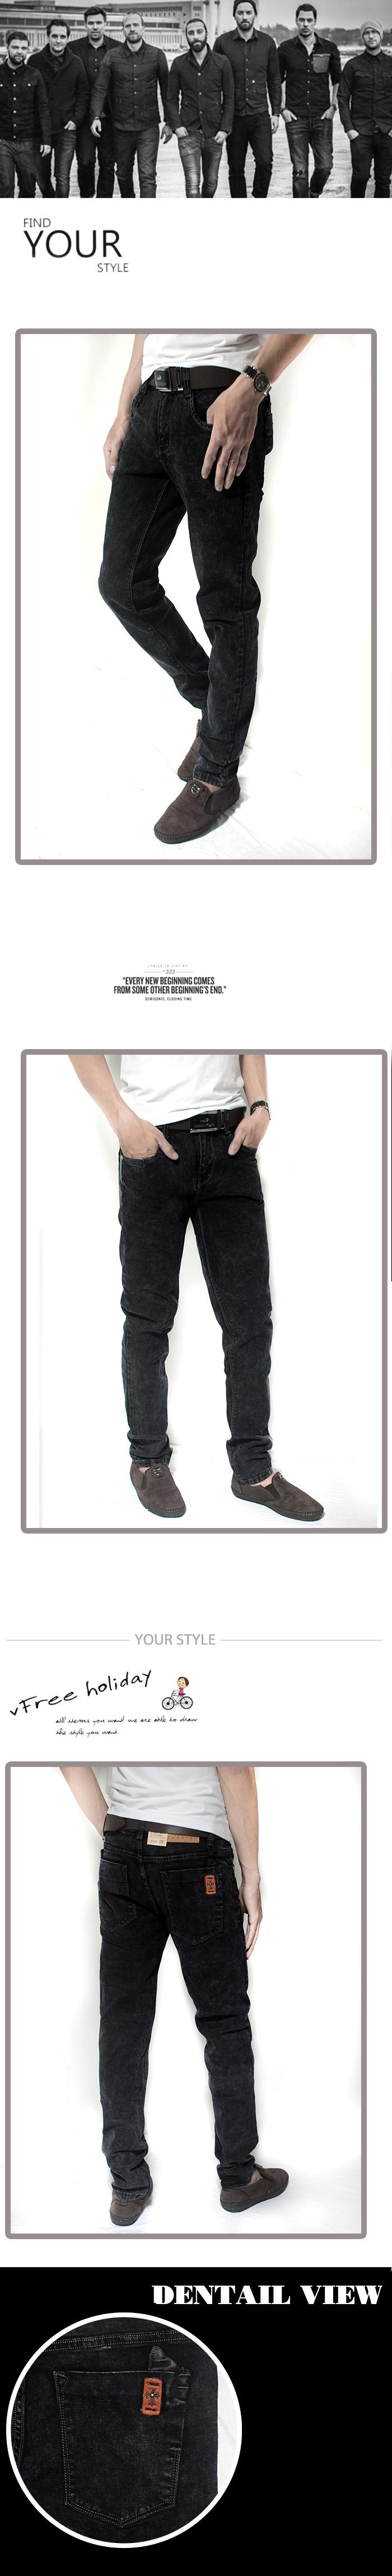 Quần jean đen qj1183 - 1